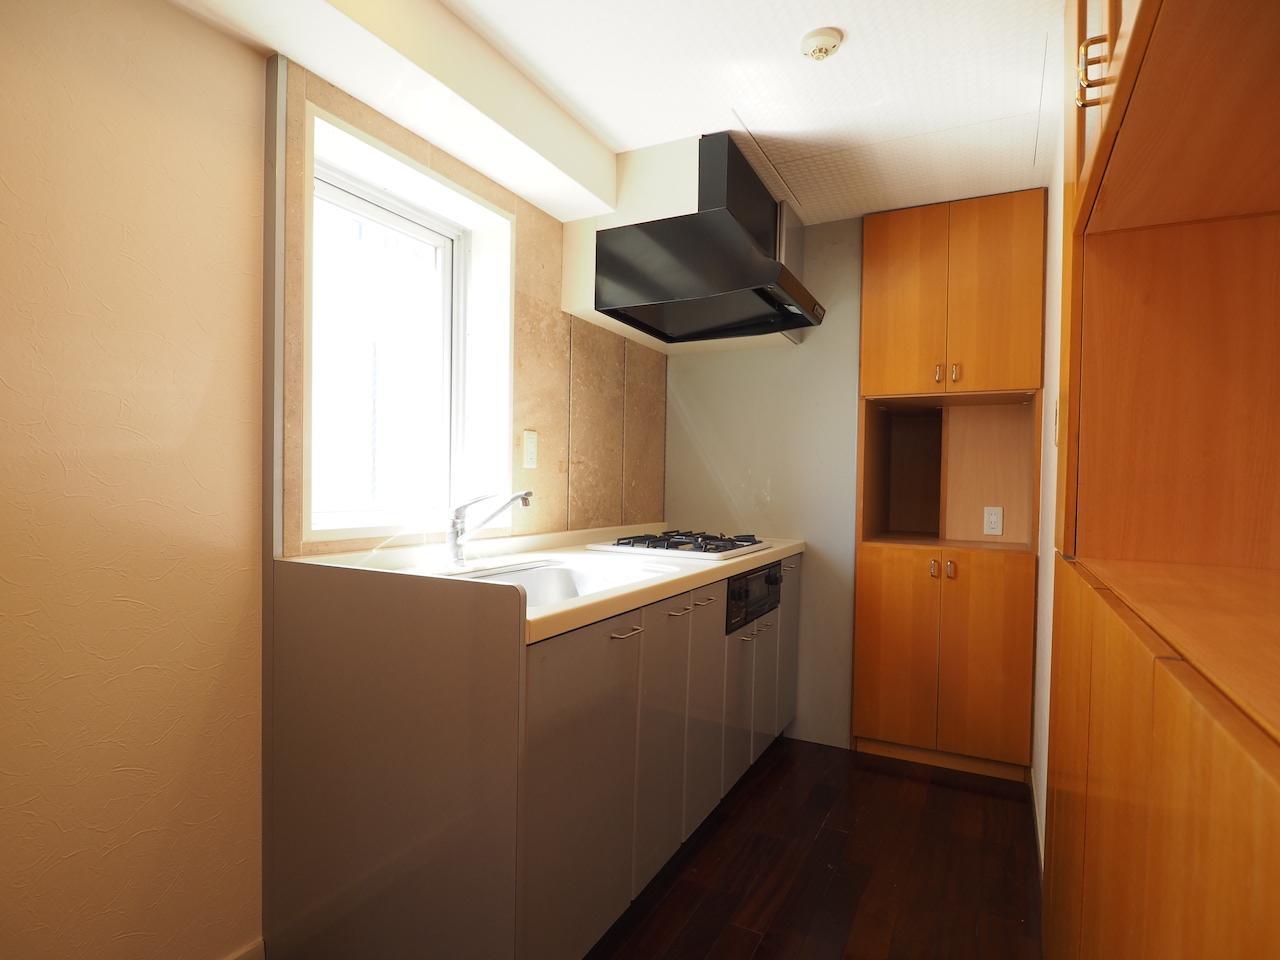 キッチンは広めの作り。